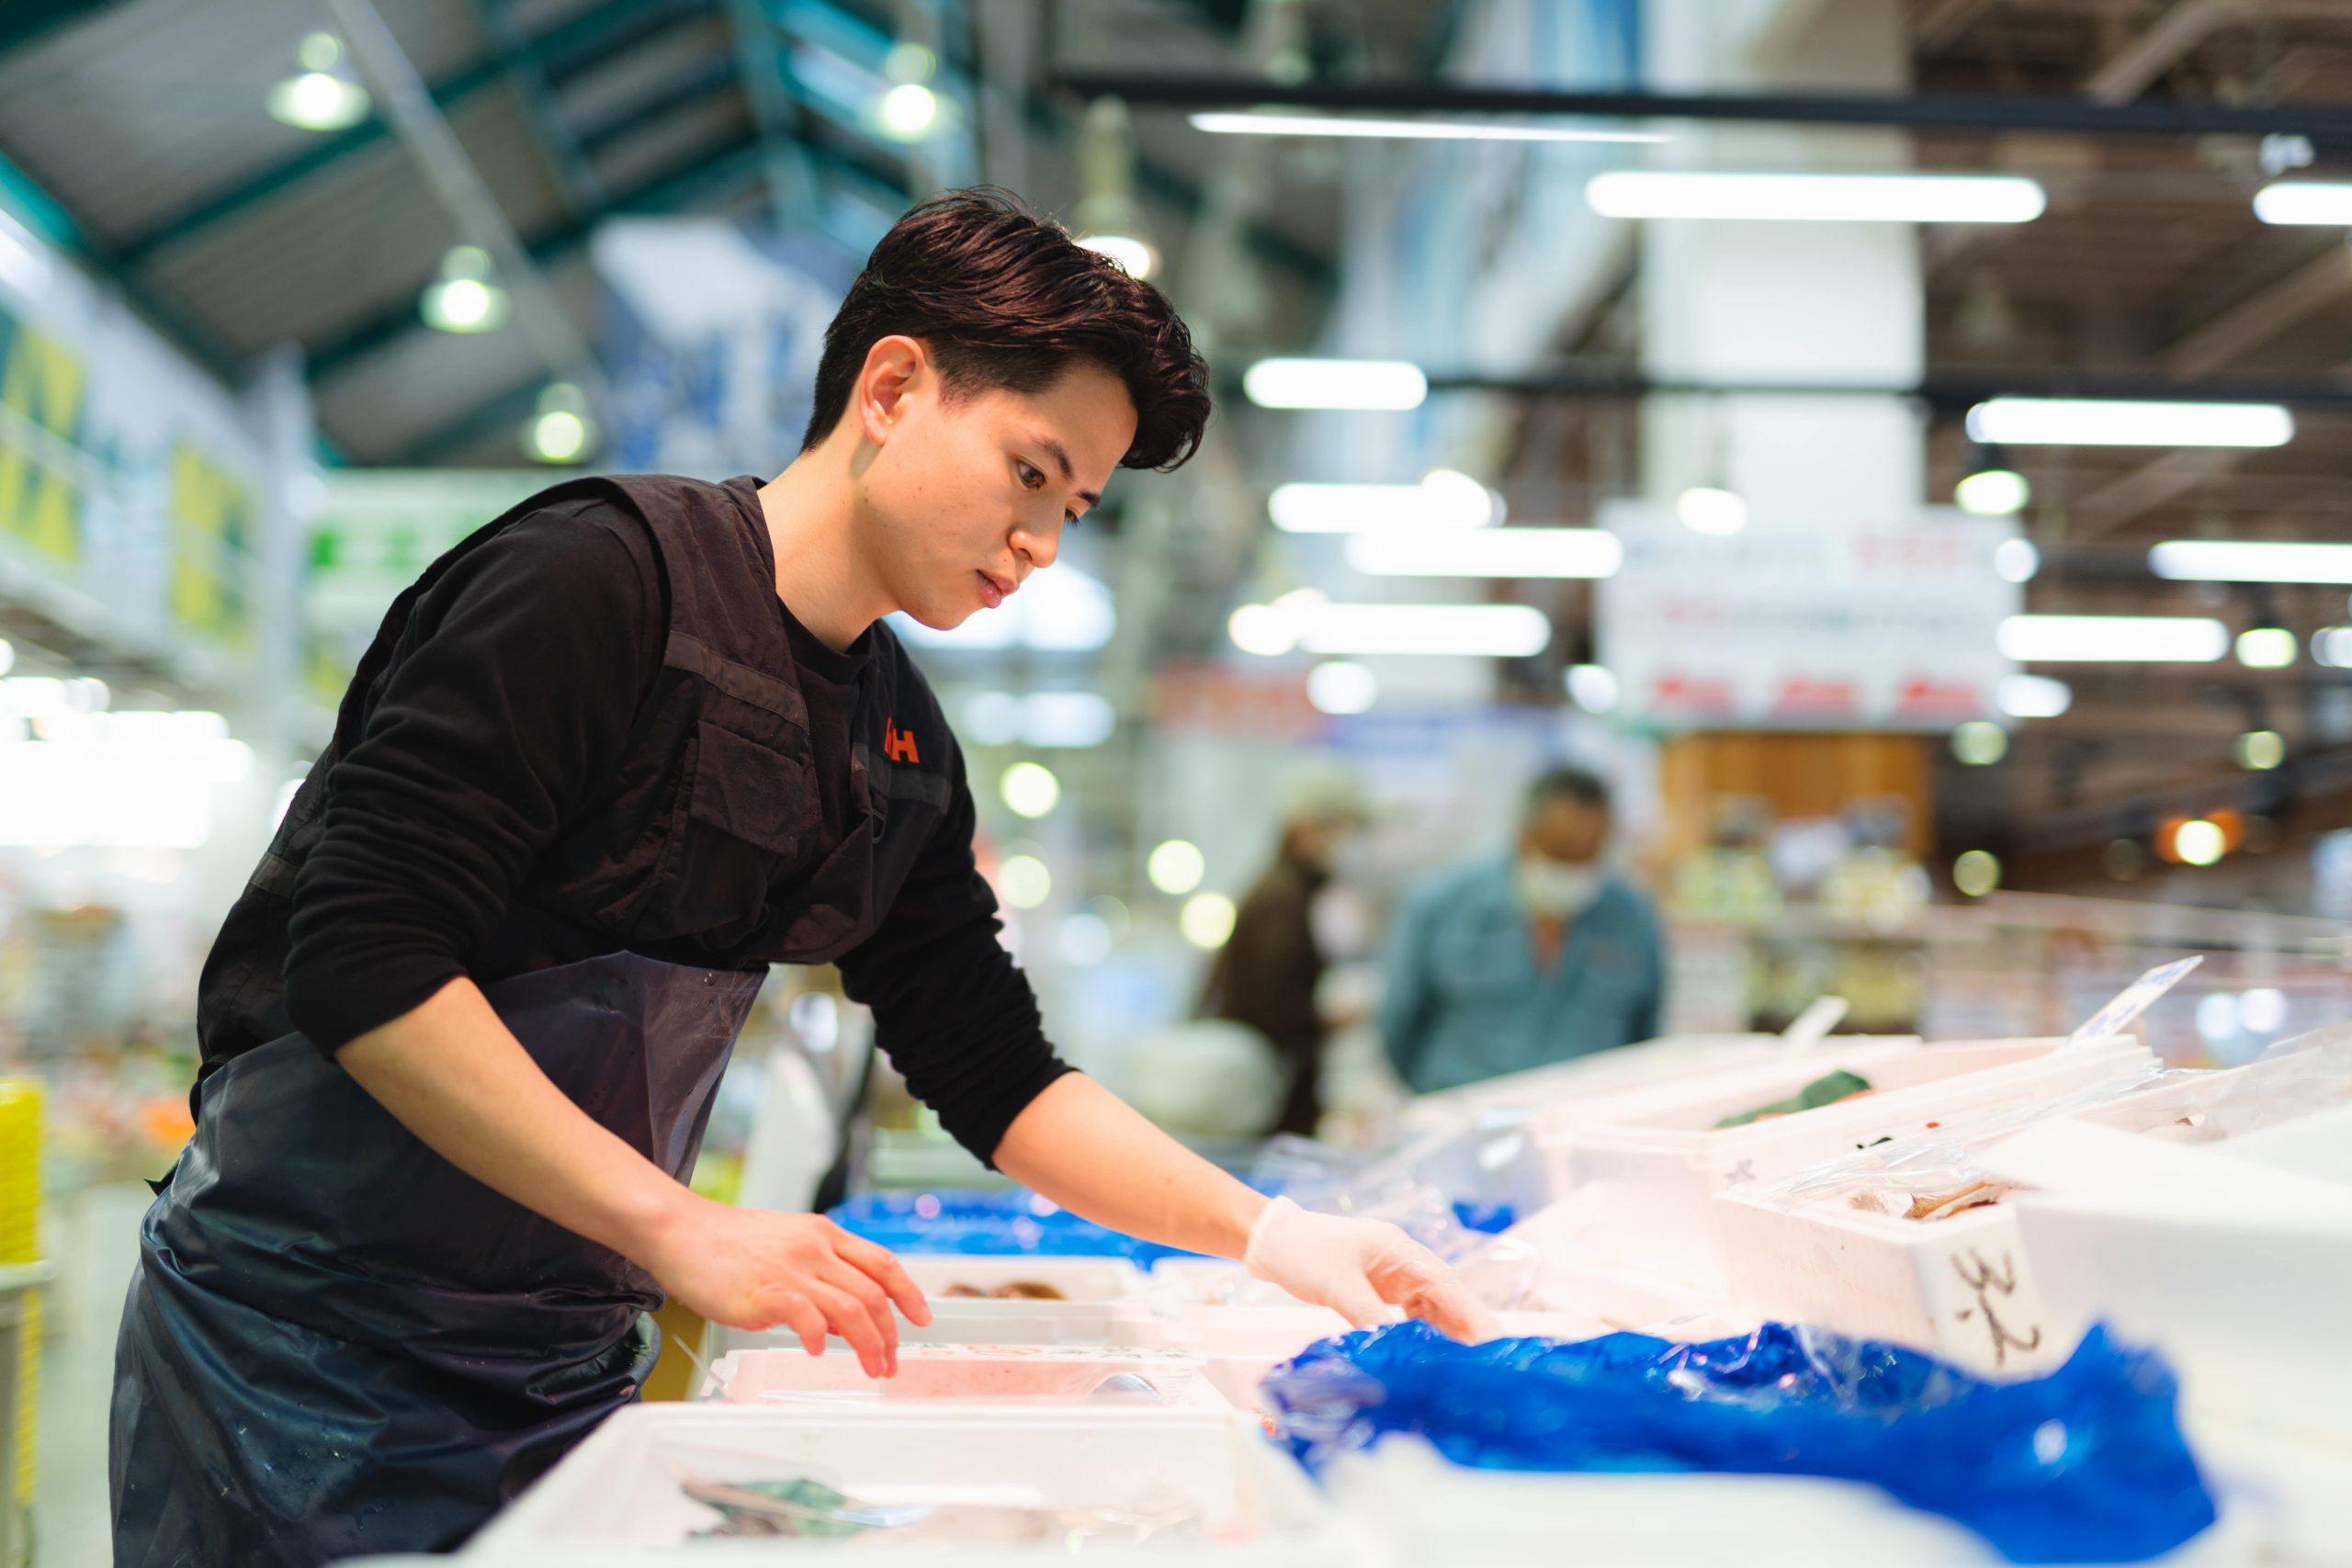 「街をもっと多彩に」会長語録や経営理念を作ることで会社をまとめあげた海産物専門店の4代目